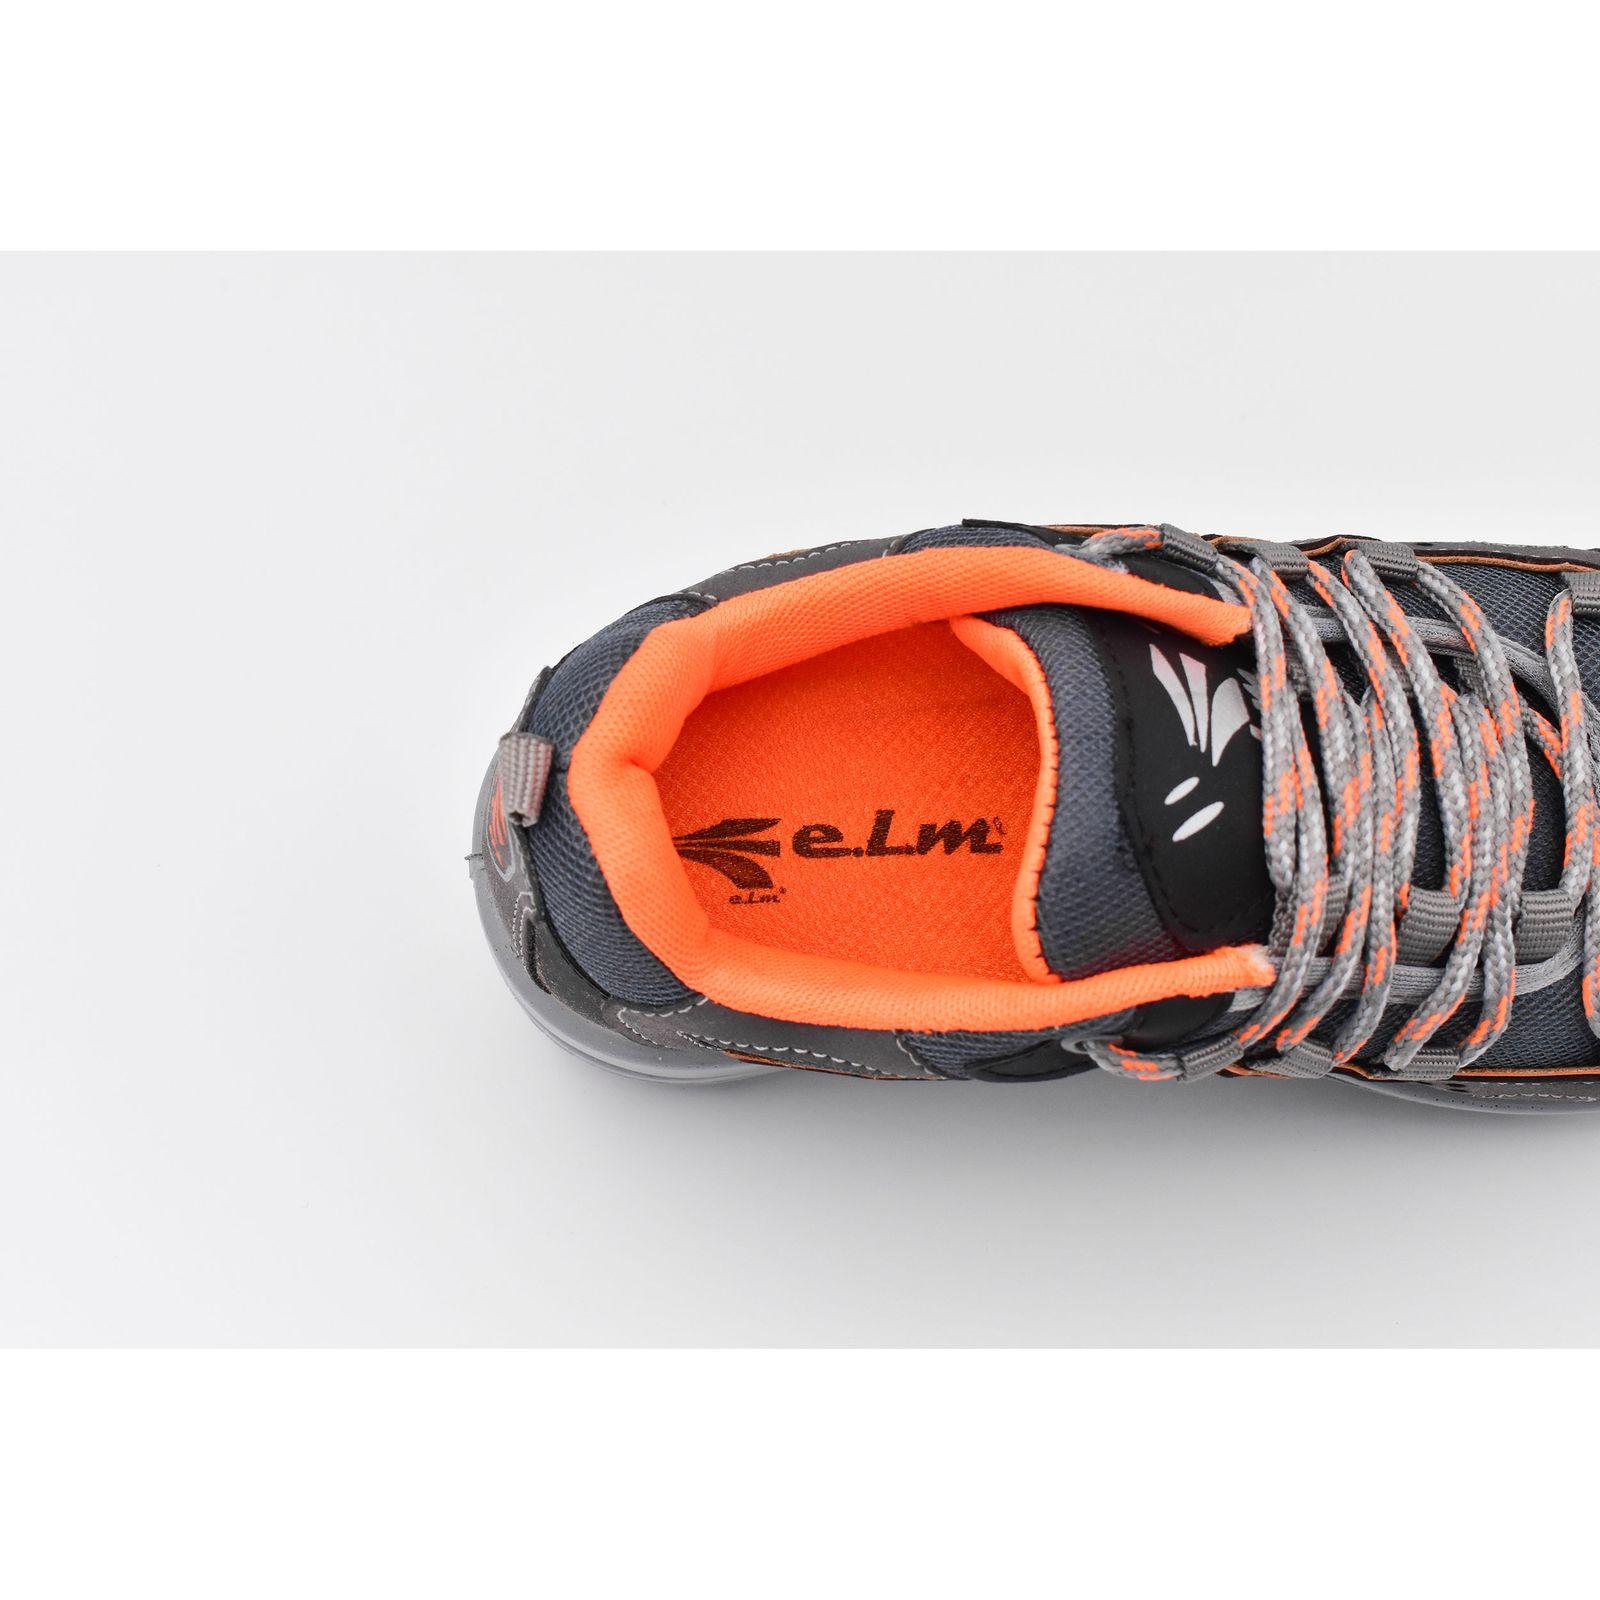 کفش پیاده روی زنانه ای ال ام مدل هامون کد 7724 -  - 9